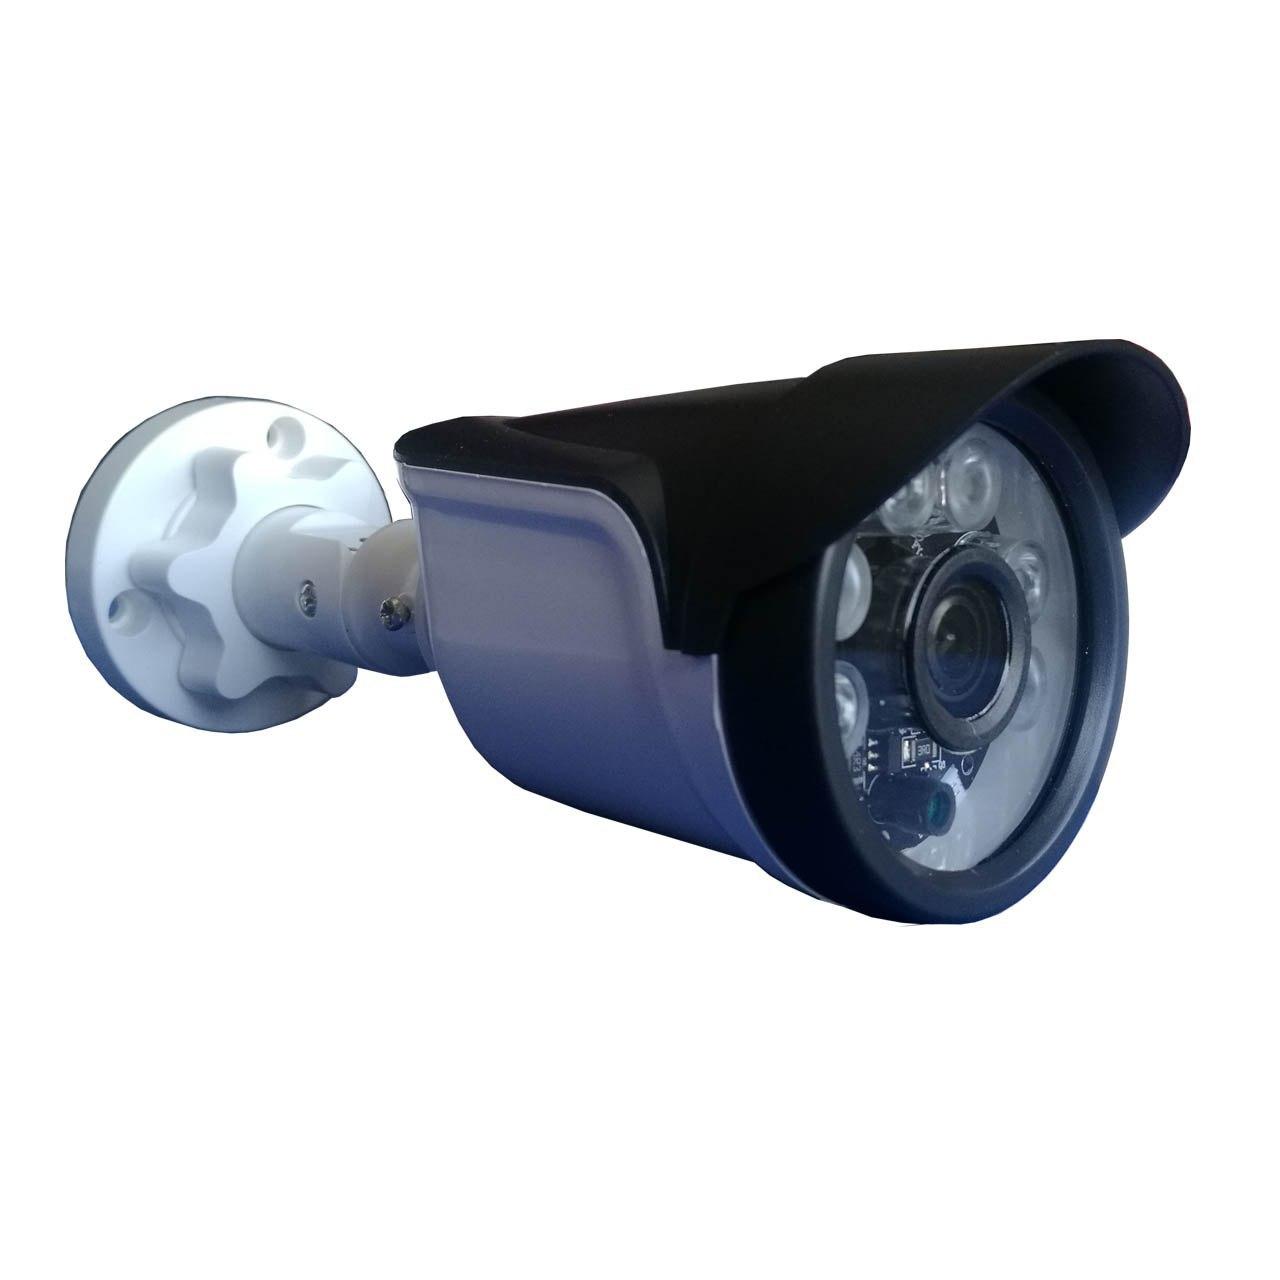 بررسی و {خرید با تخفیف} دوربین مداربسته آنالوگ مدل R62019 اصل